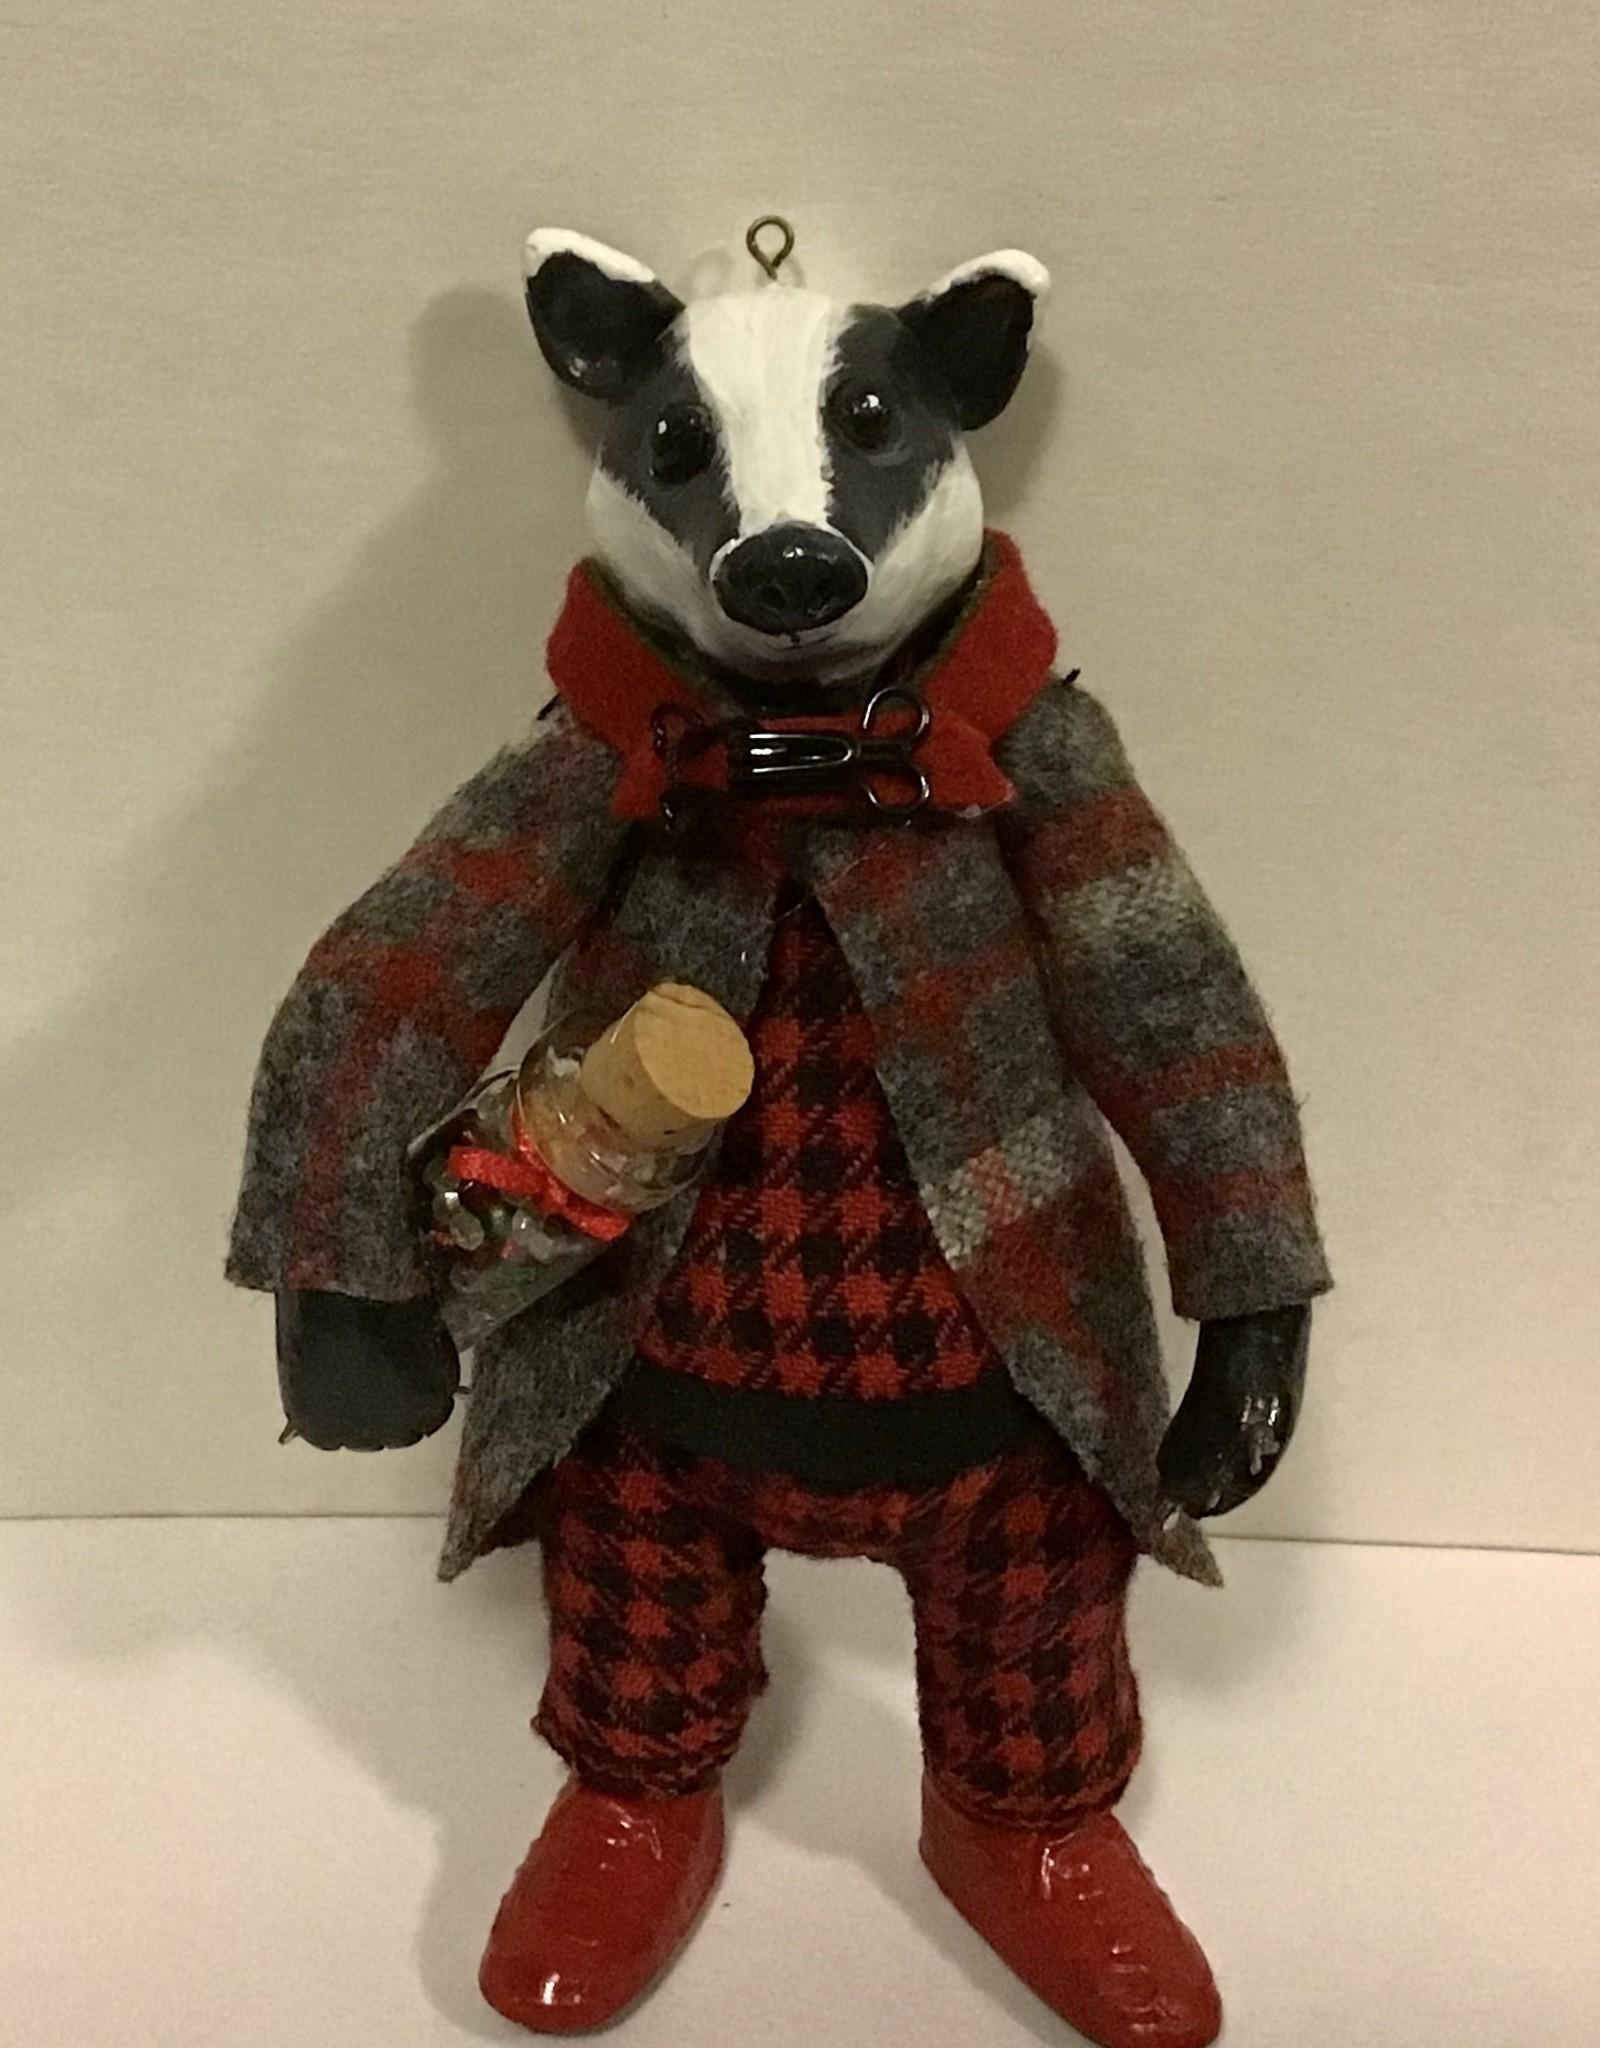 Karen Friedstrom Christmas-Colton badger ornament